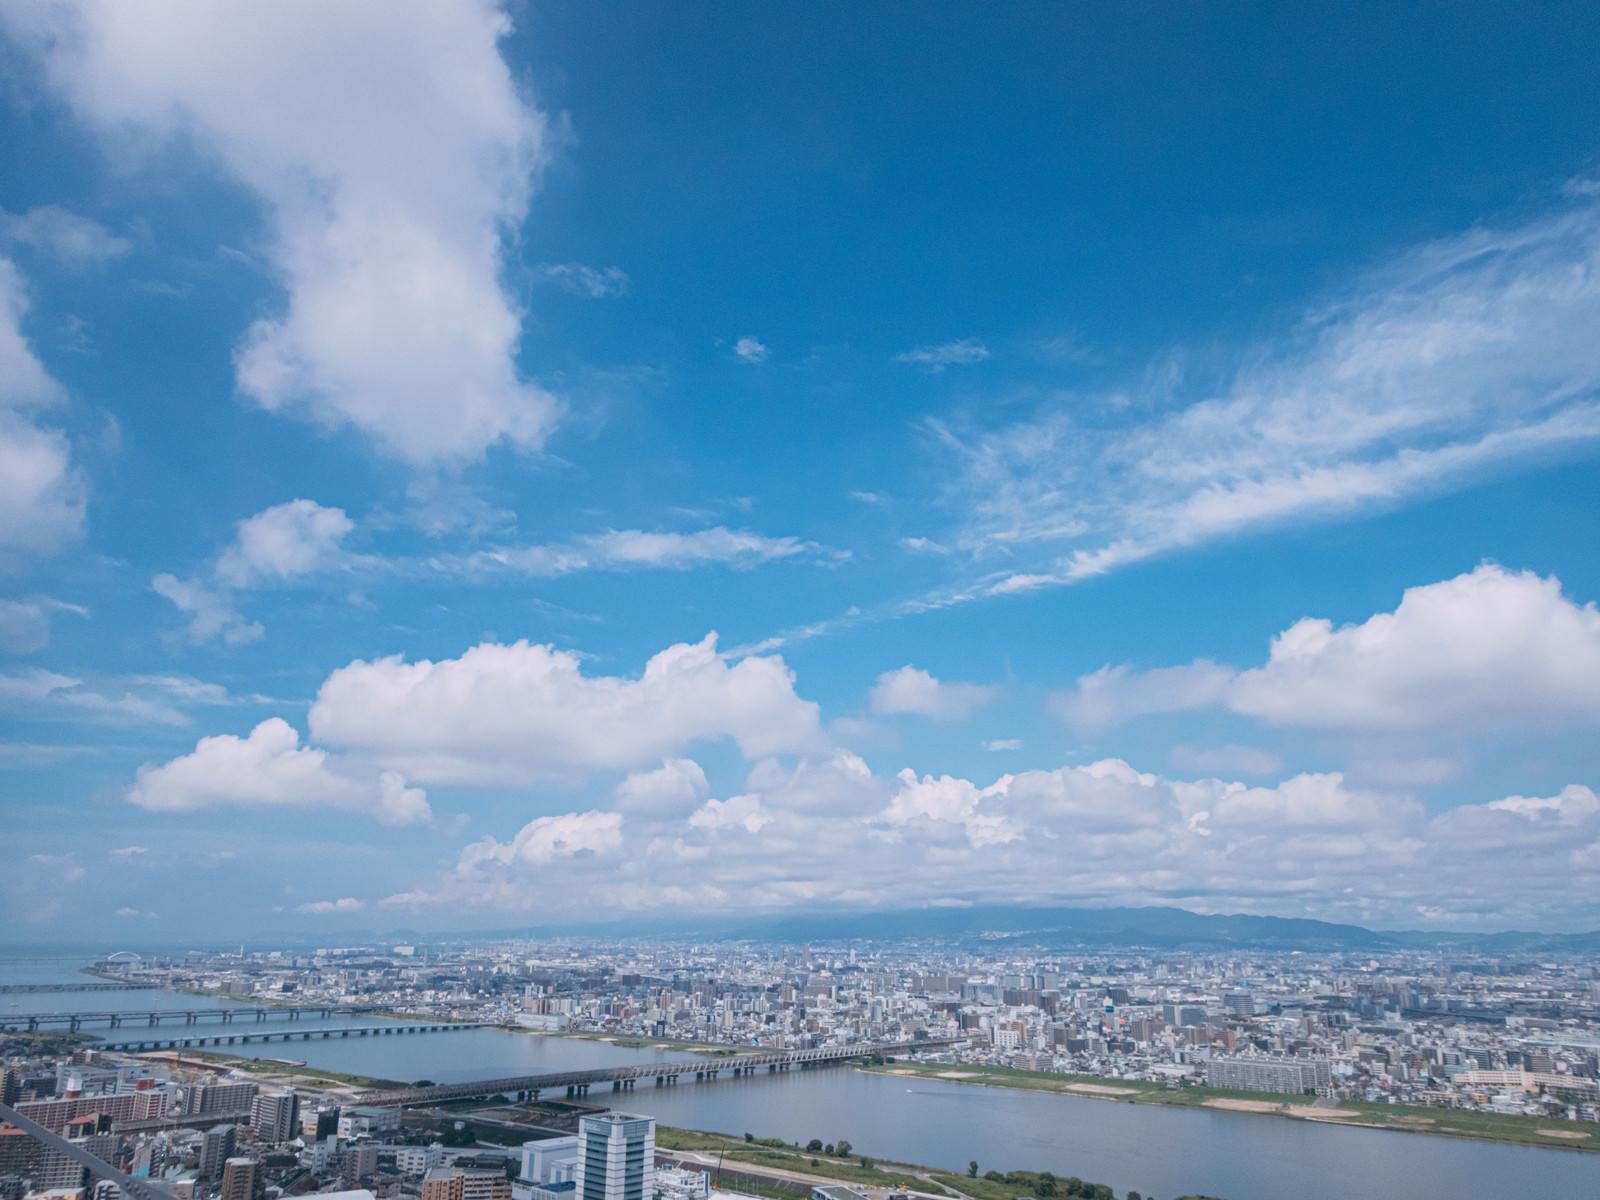 「大阪を流れる淀川と青空」の写真